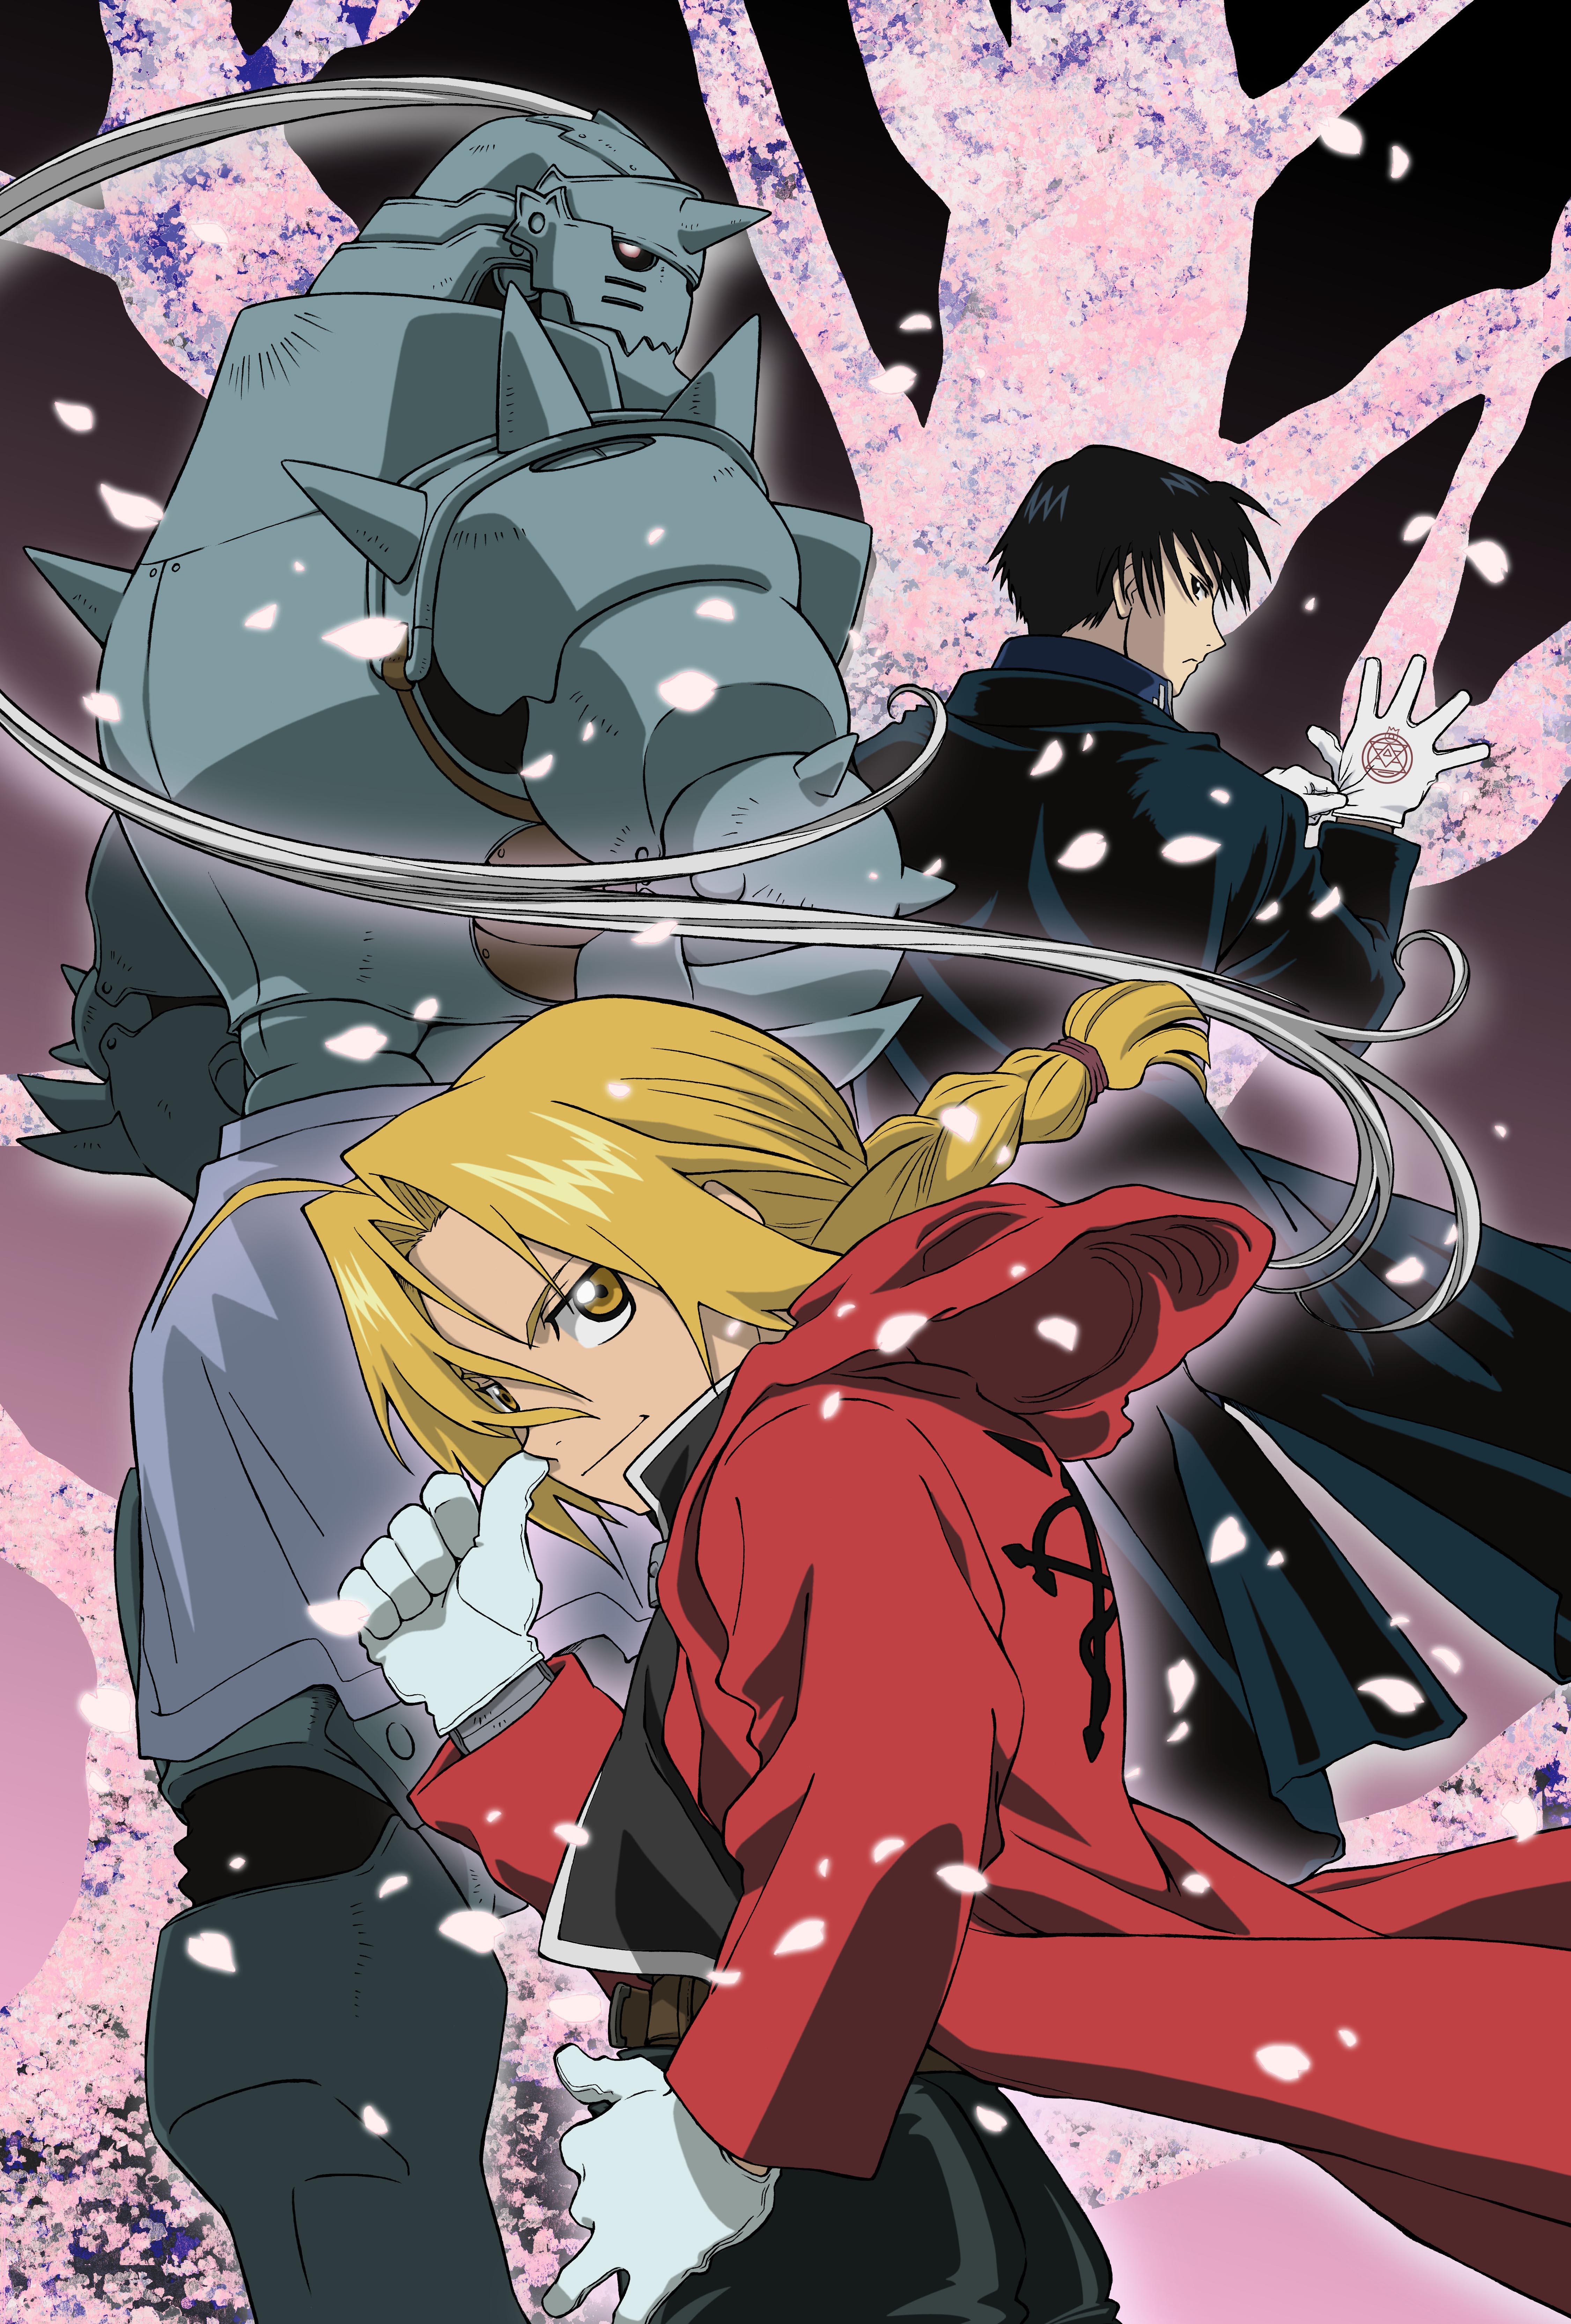 Ed, Al and Roy - Fullmetal Alchemist: Brotherhood - Anime ...